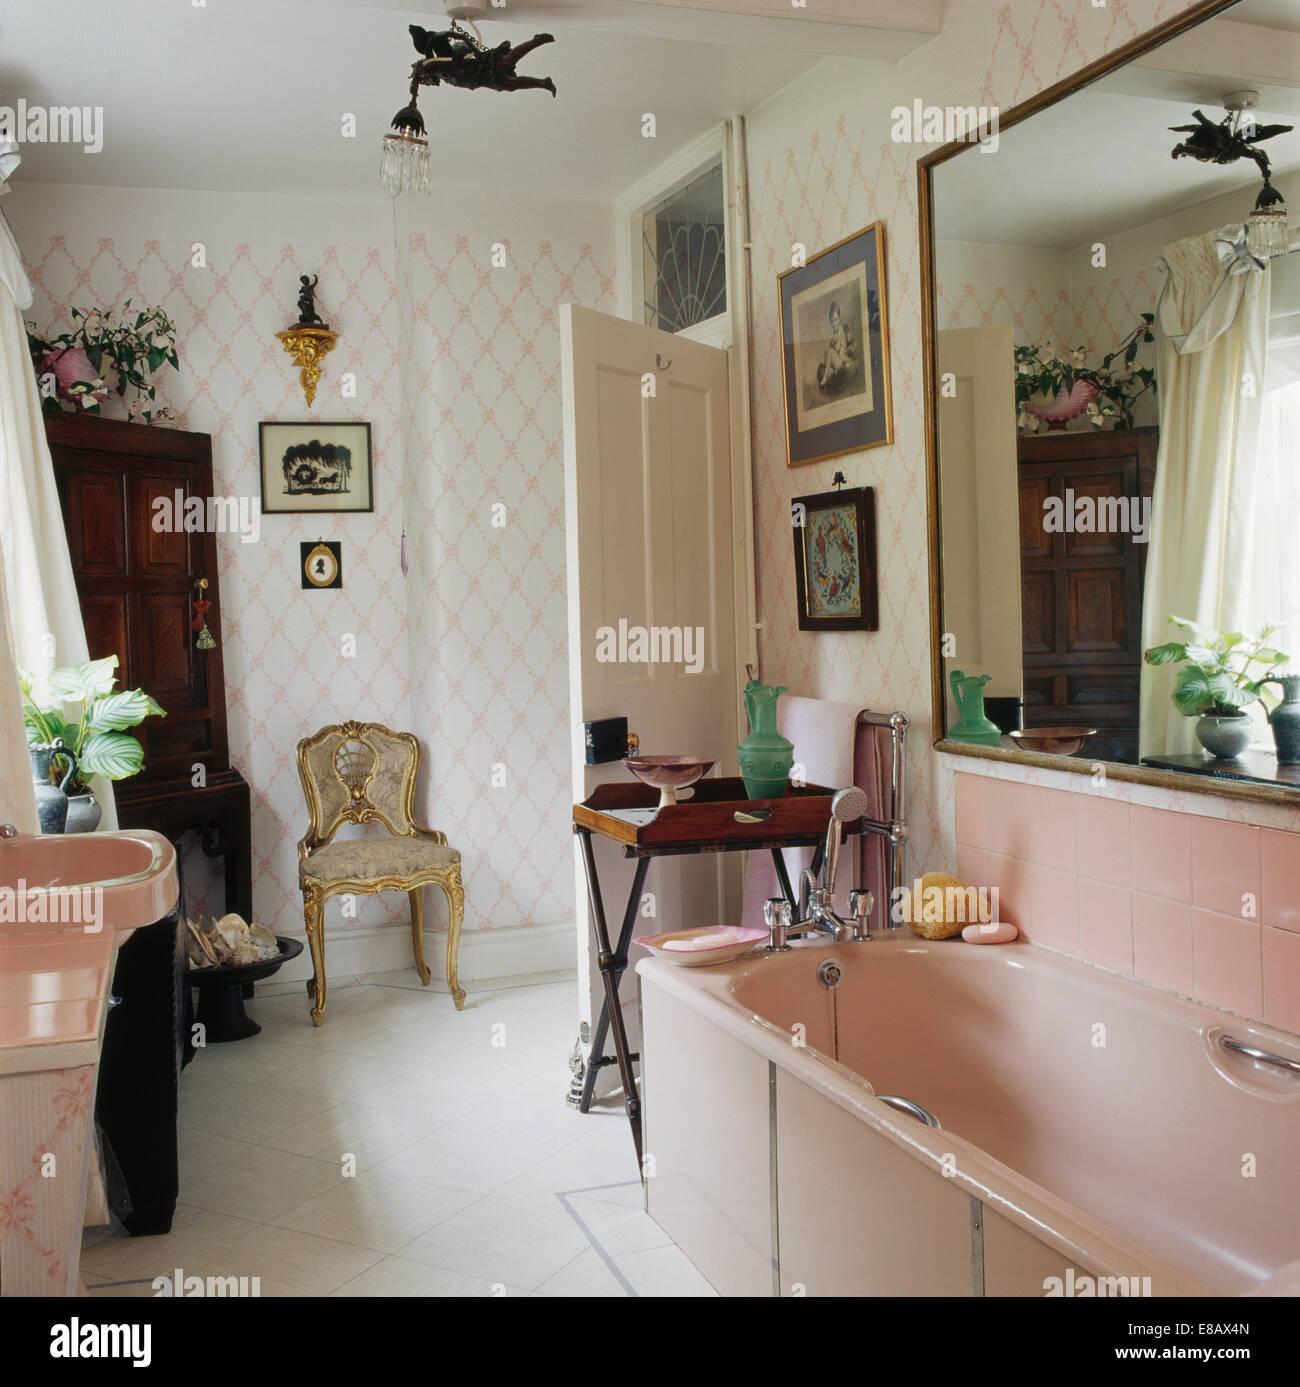 Grand miroir au-dessus de baignoire rose pâle en pays salle ...